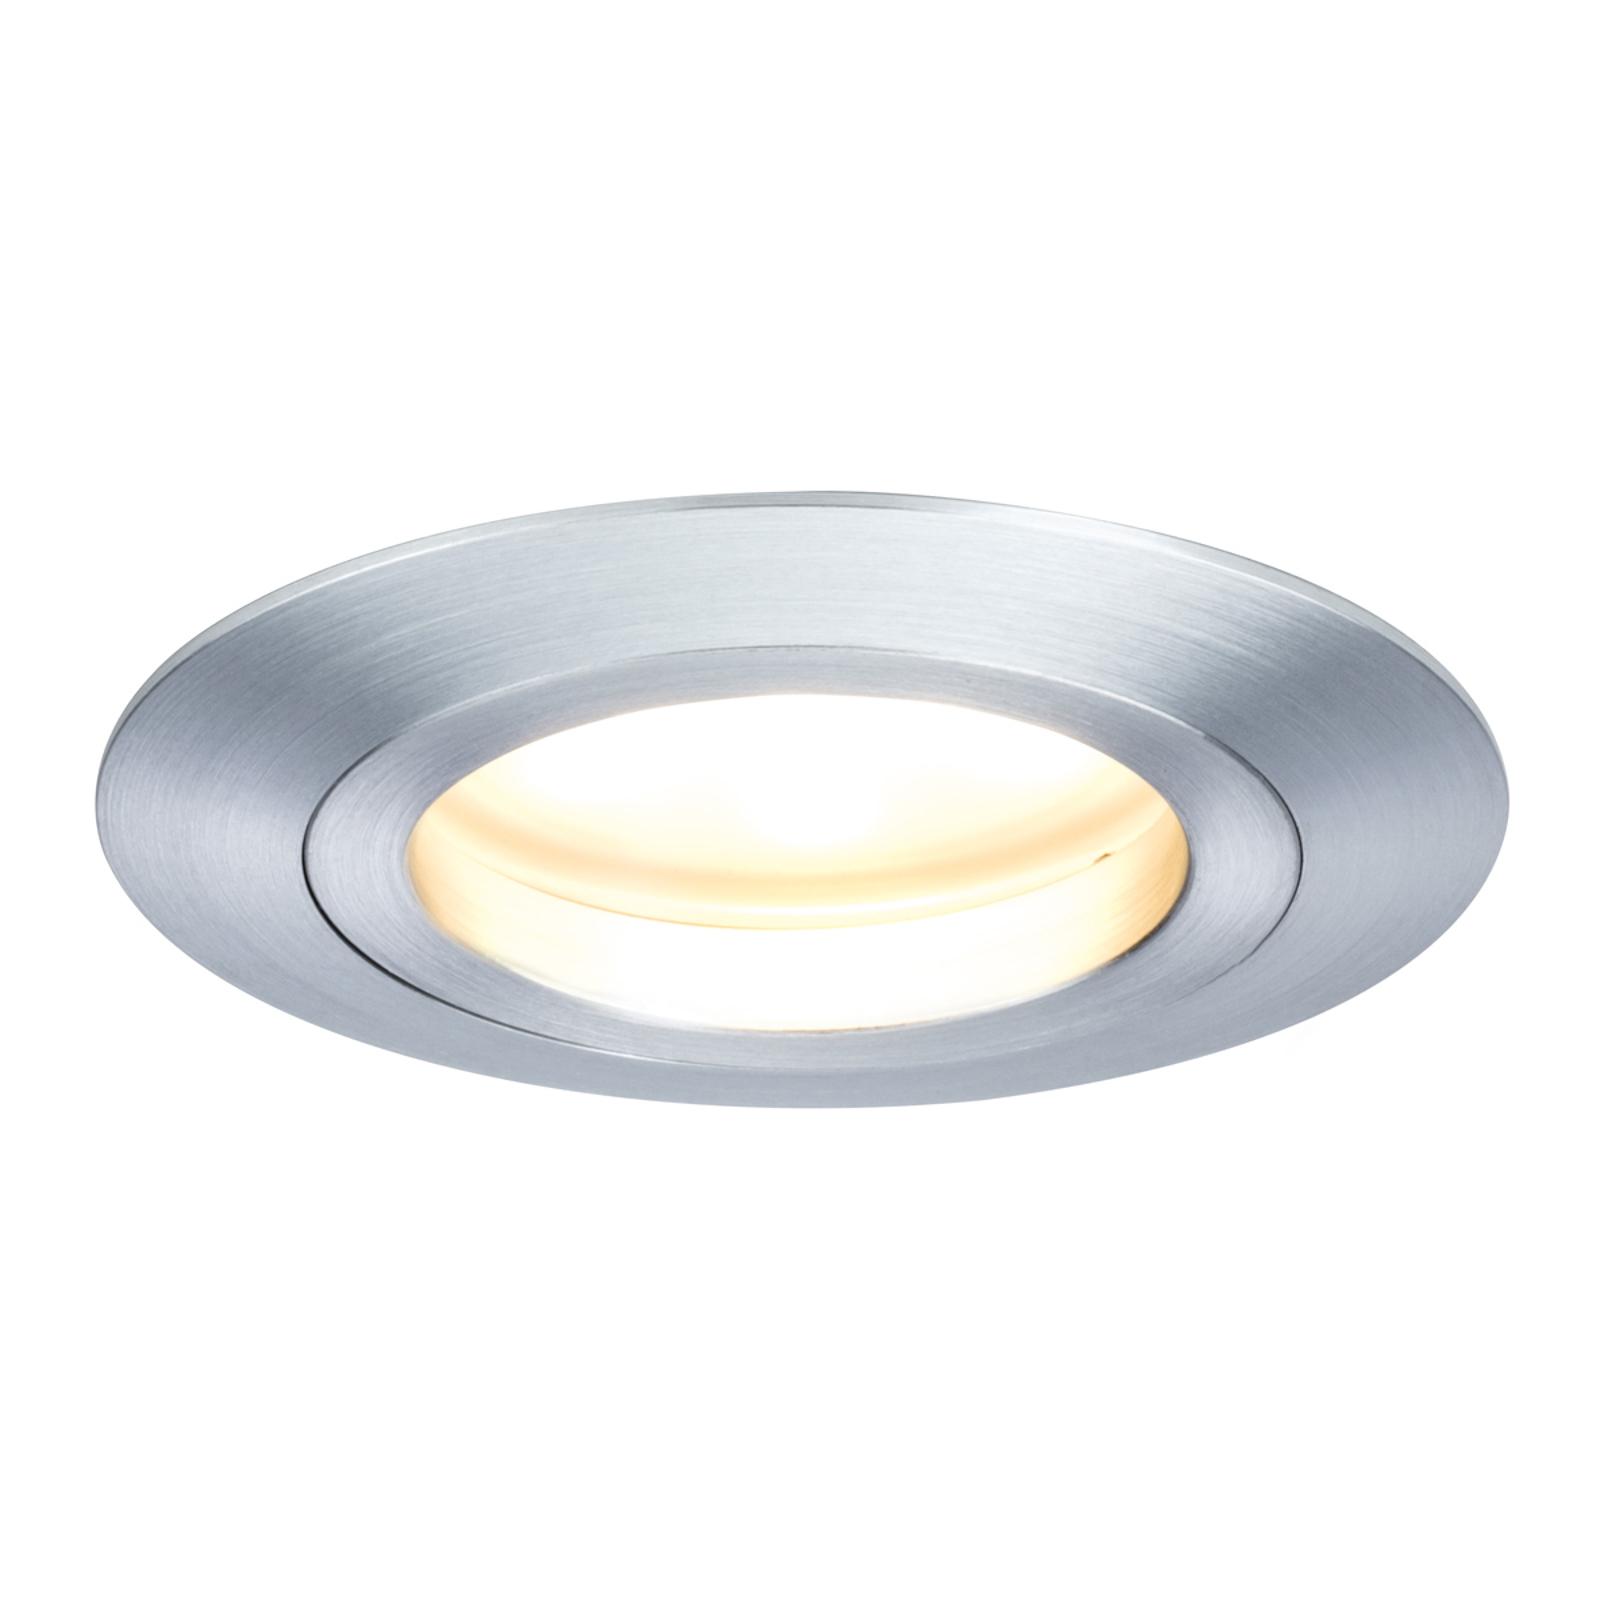 Paulmann Coin LED-Einbauleuchte IP44, rund alu